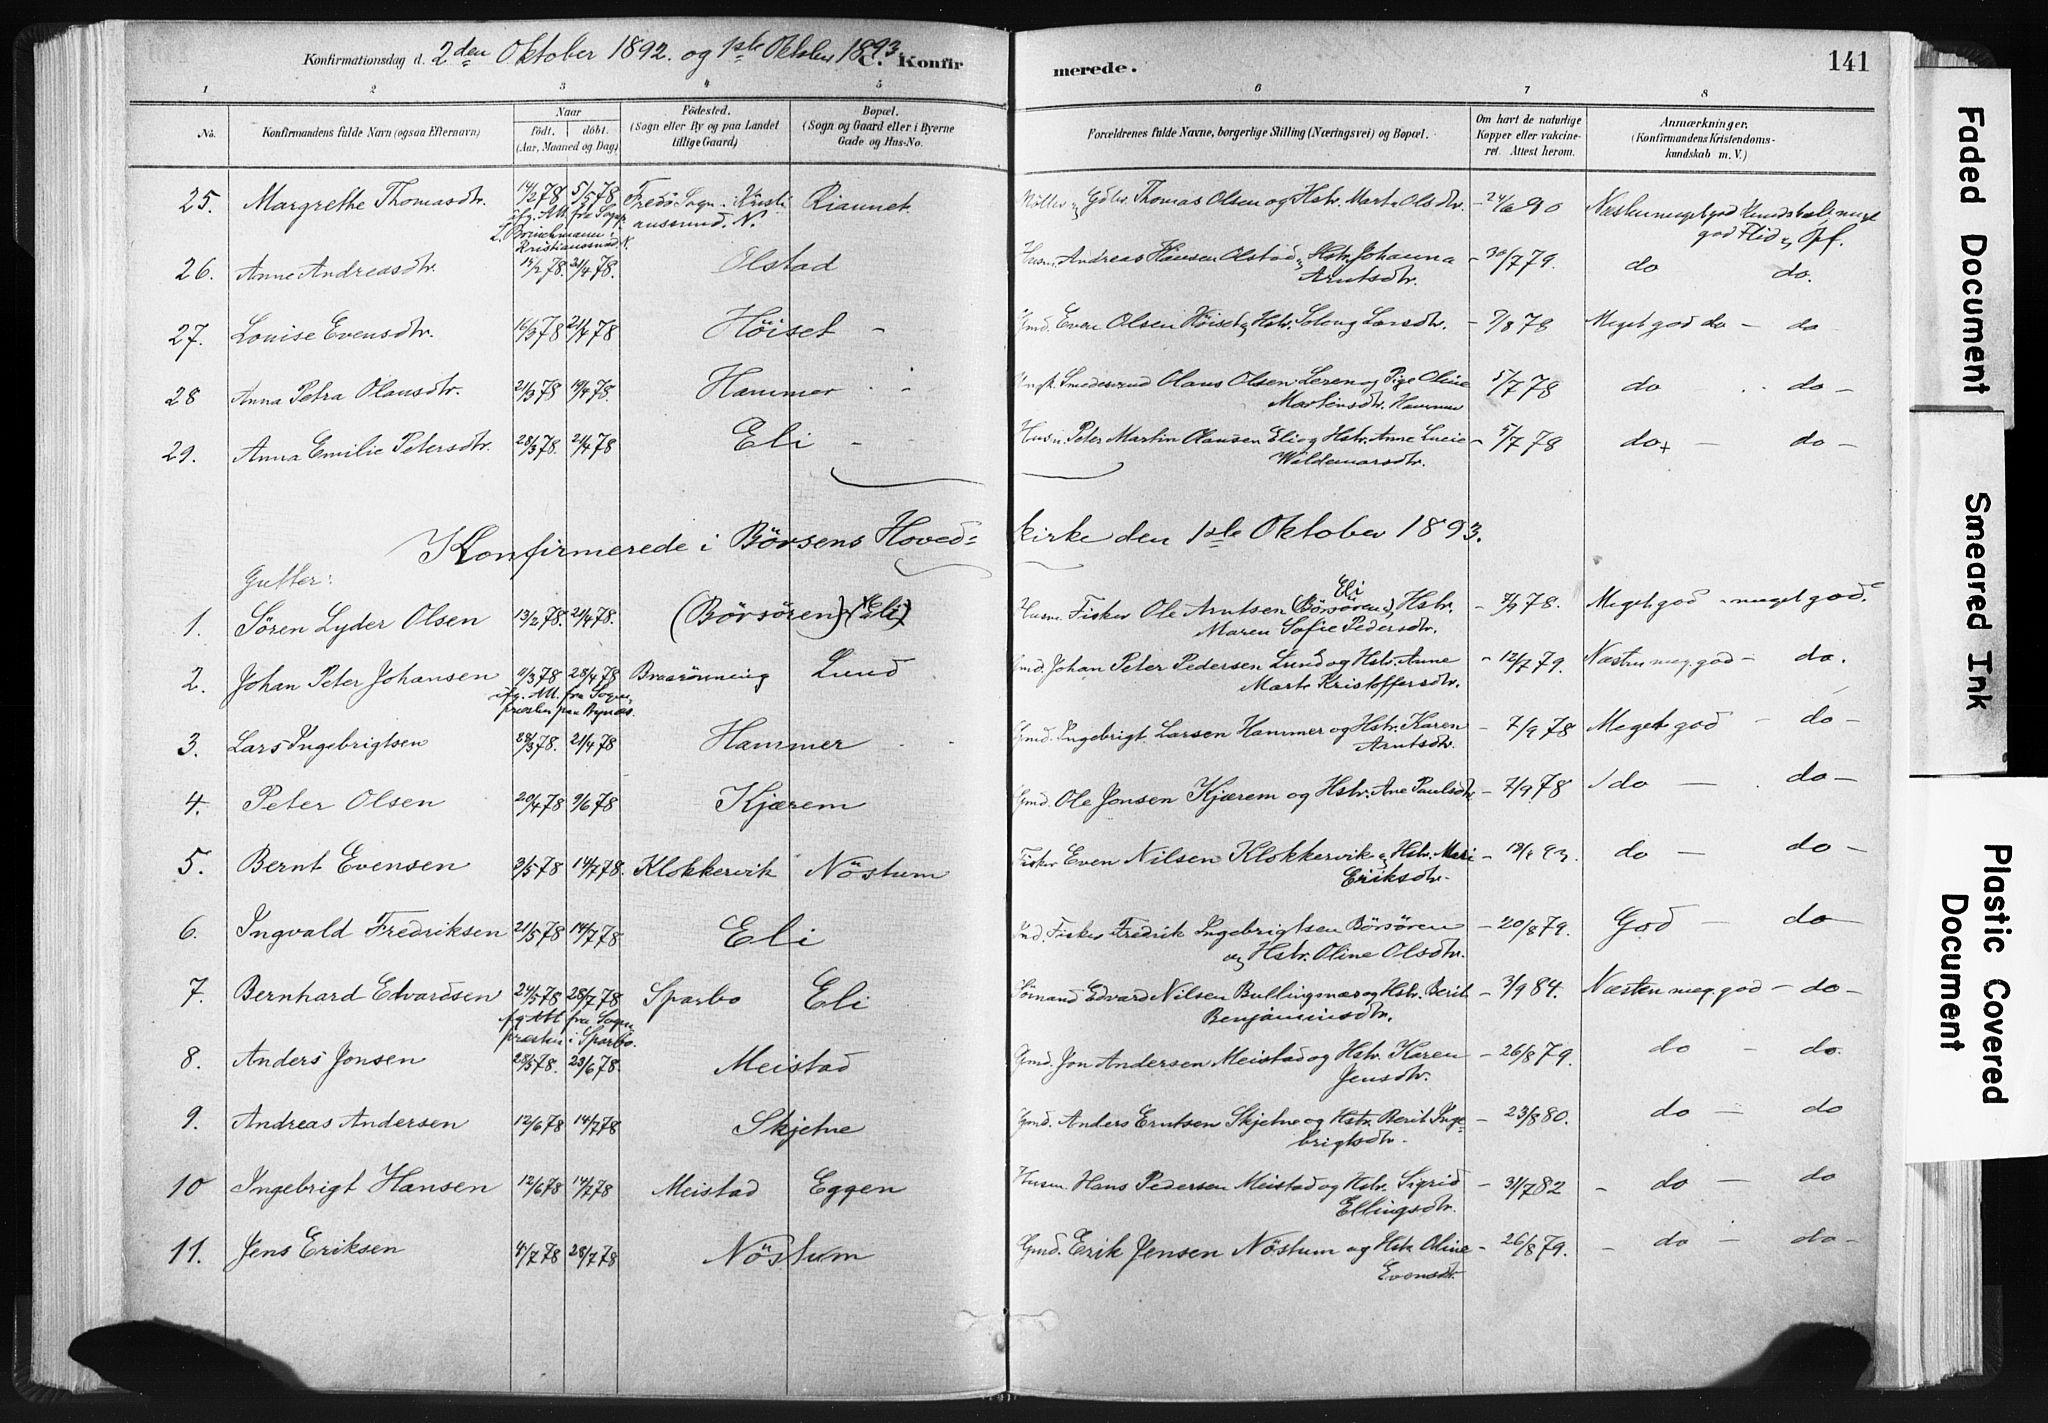 SAT, Ministerialprotokoller, klokkerbøker og fødselsregistre - Sør-Trøndelag, 665/L0773: Ministerialbok nr. 665A08, 1879-1905, s. 141